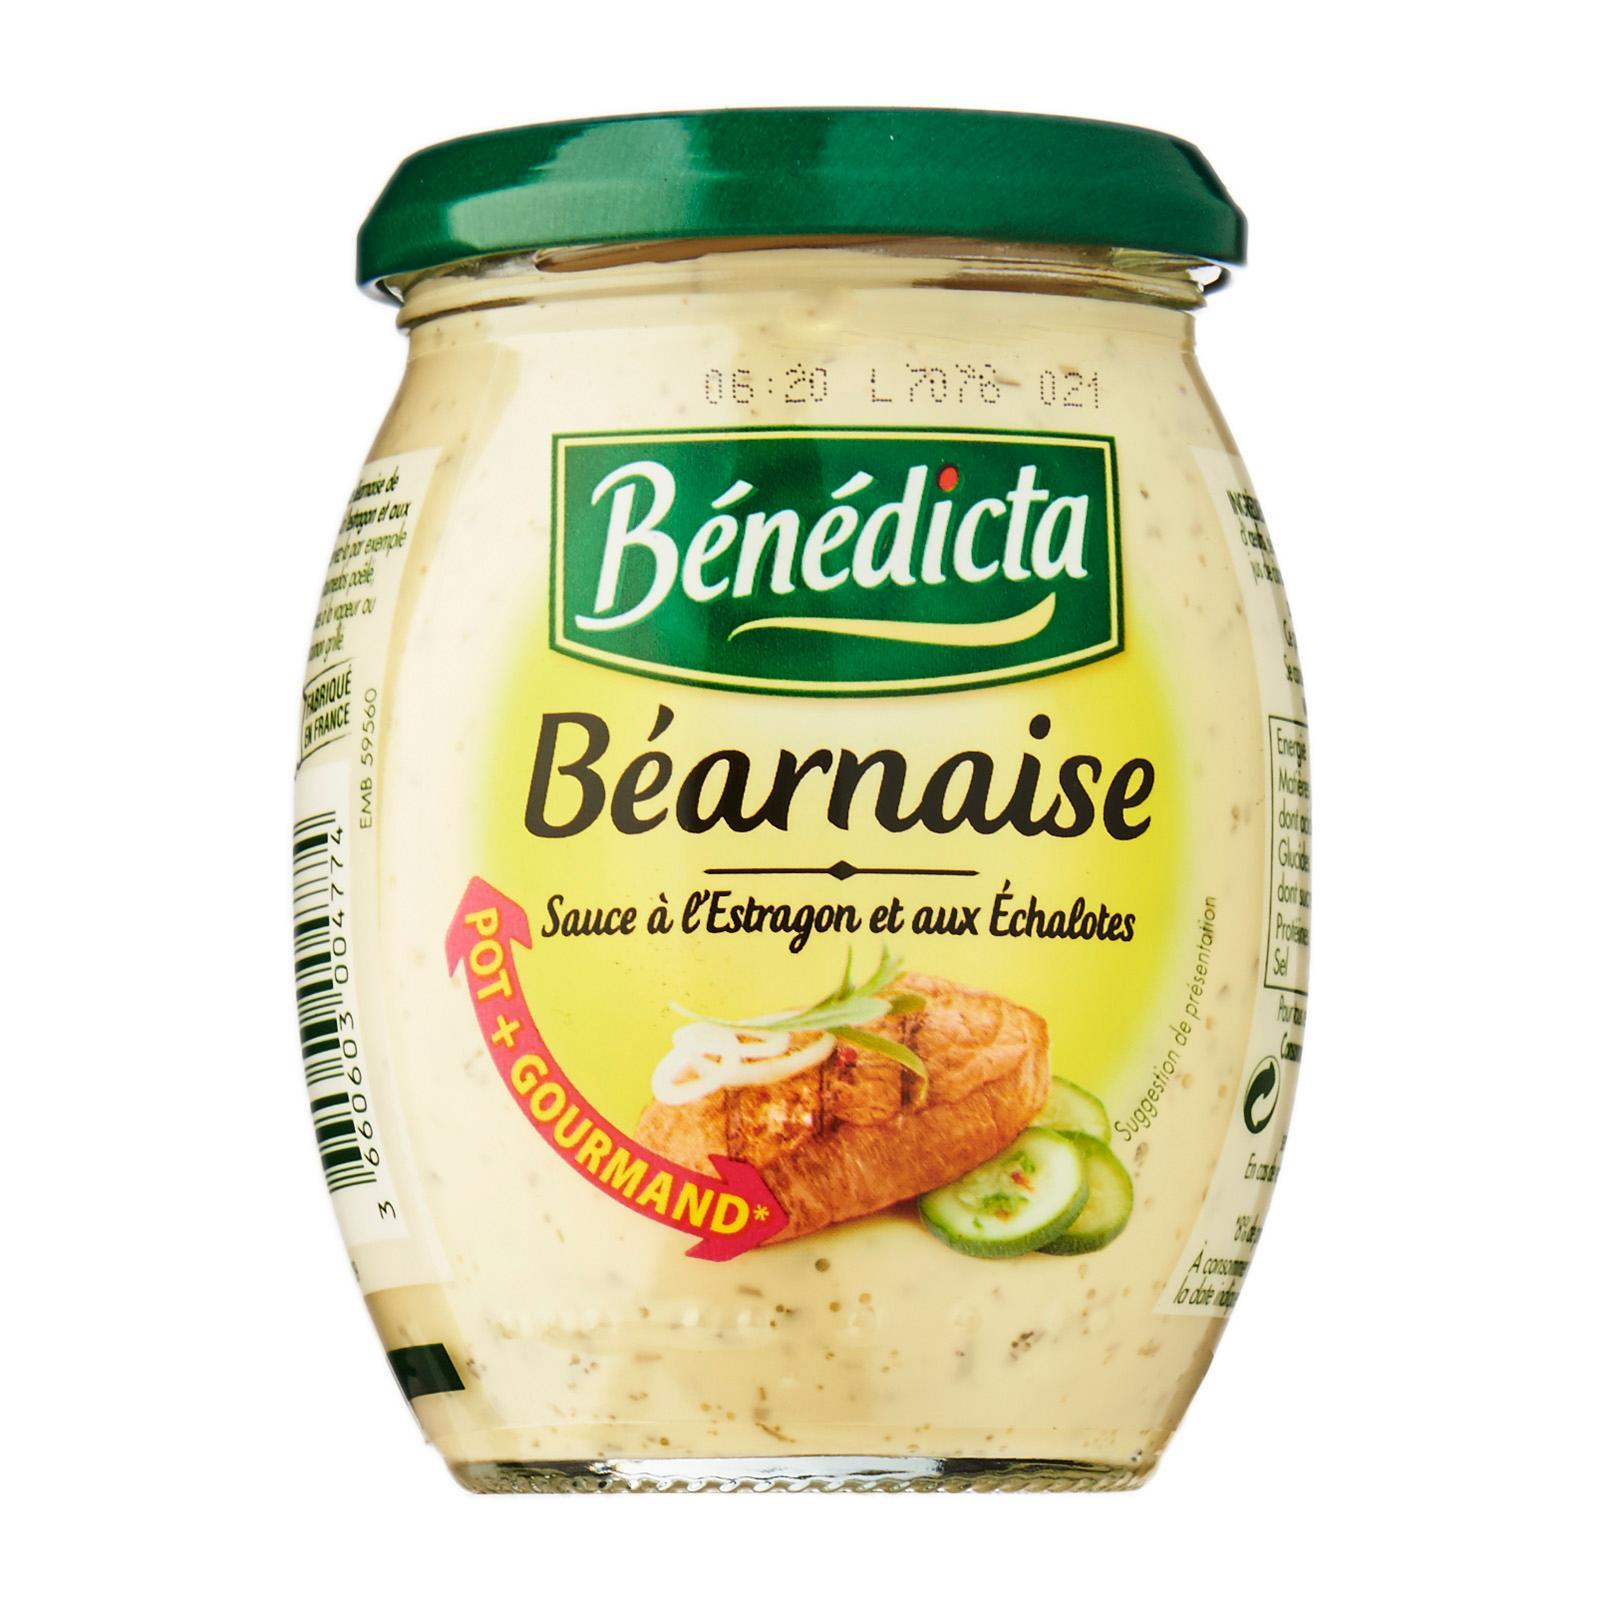 Benedicta Gourmet Bearnaise Sauce